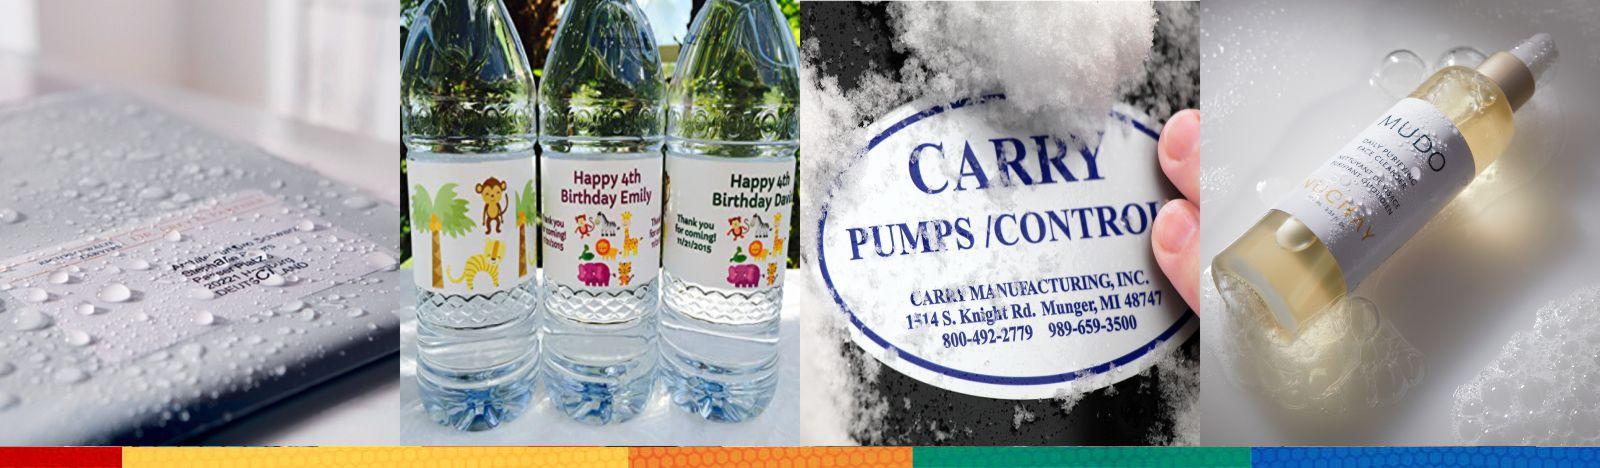 Waterproof Labels and Waterproof Stickers